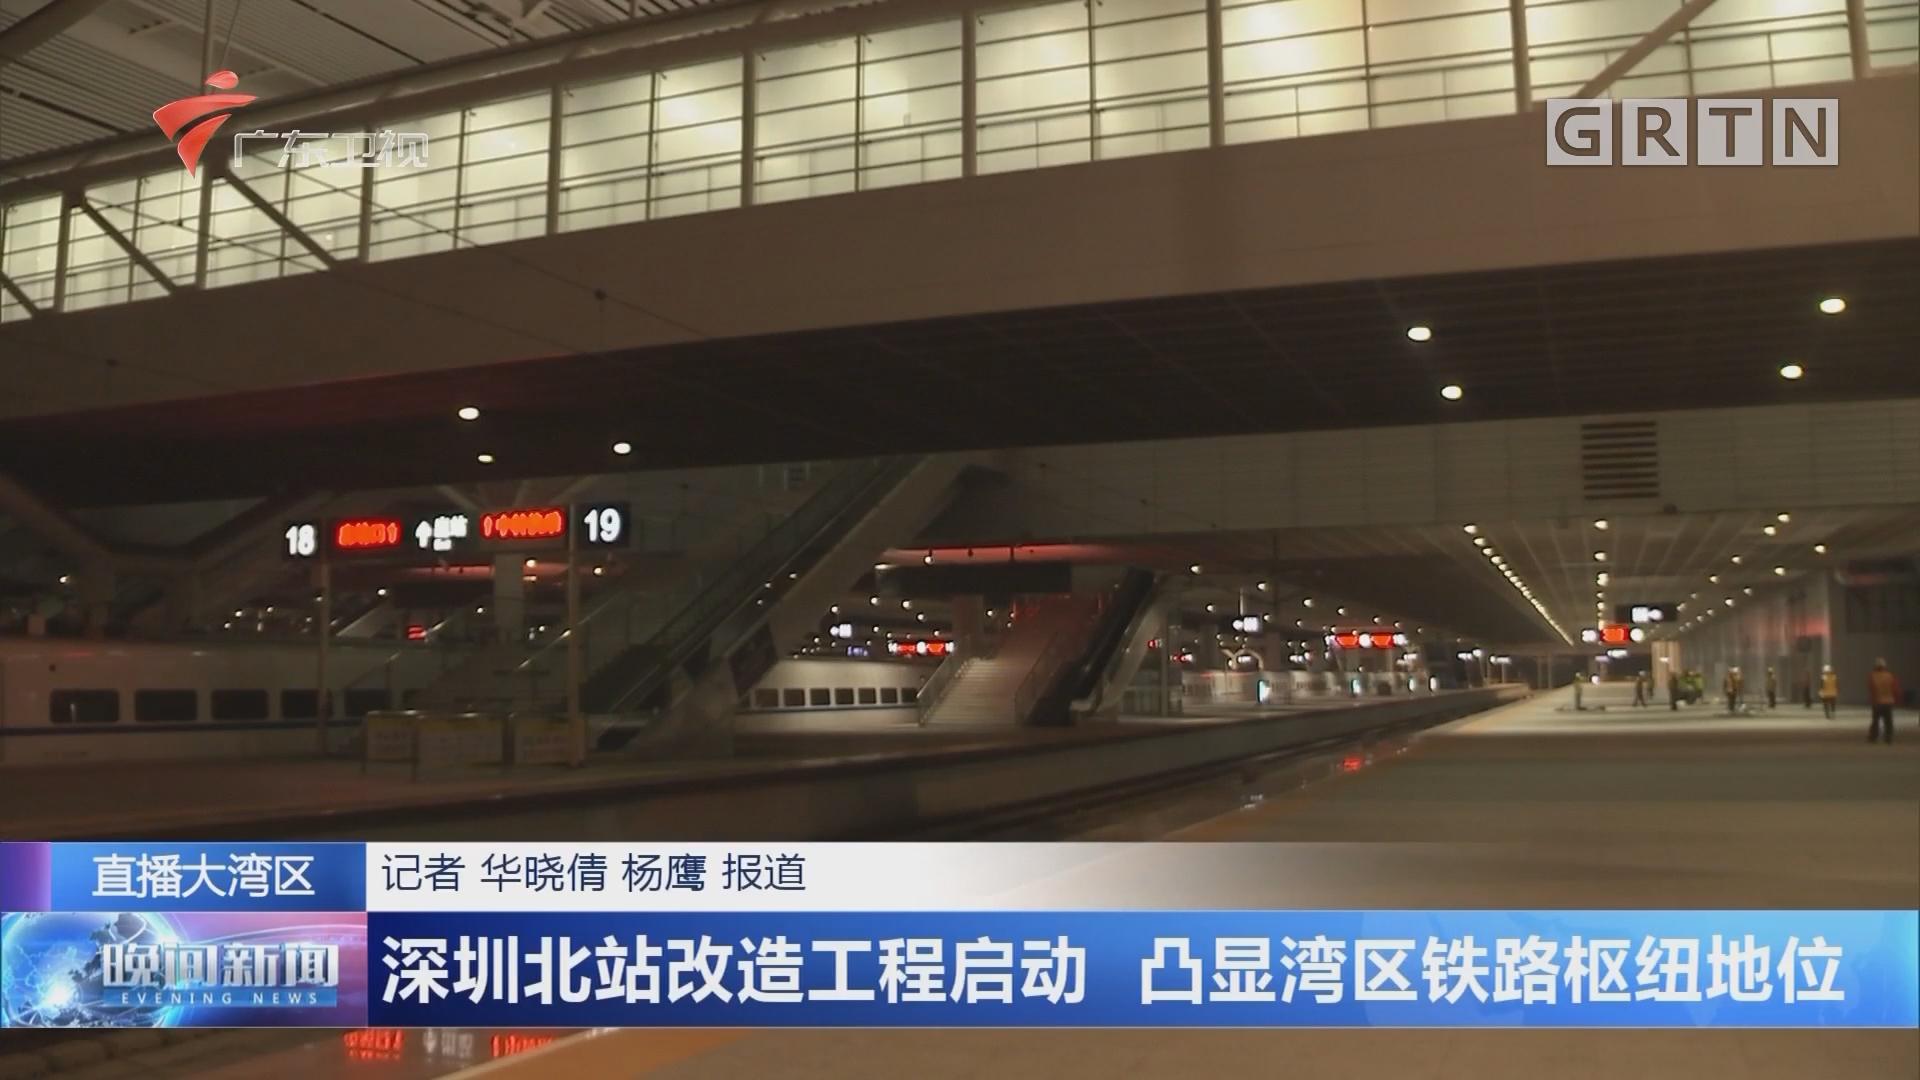 深圳北站改造工程启动 凸显湾区铁路枢纽地位